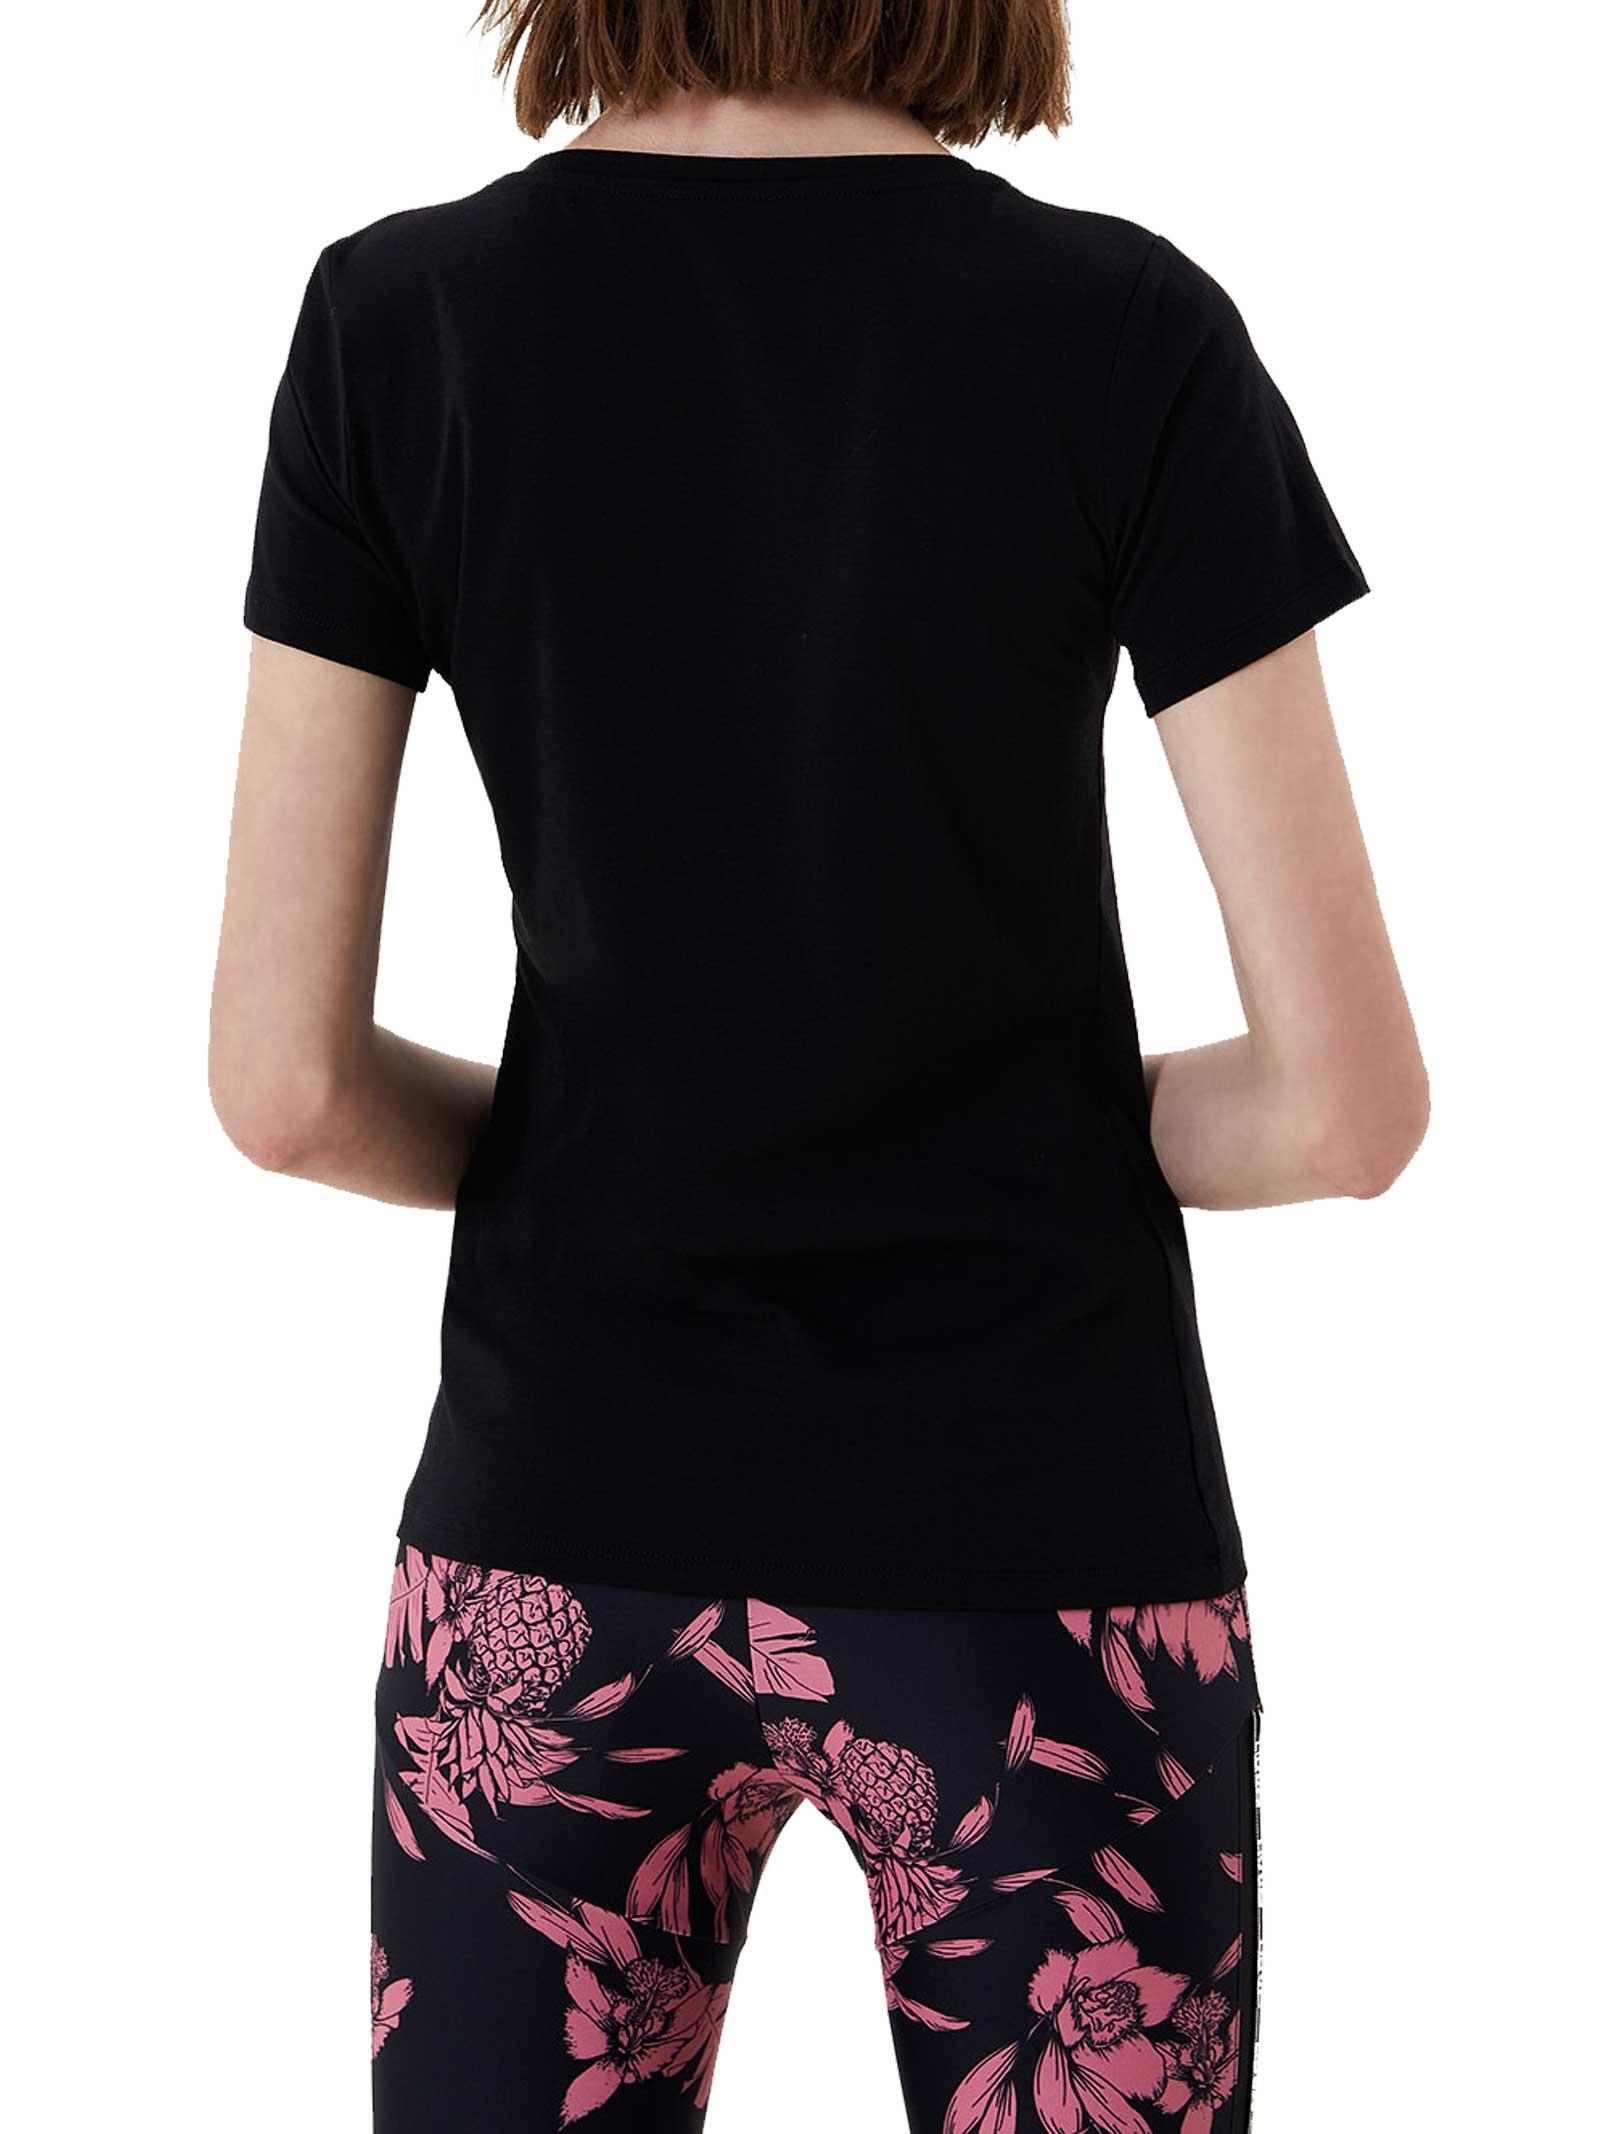 T-SHIRT LIU JO LIU JO   T-shirt   TA1092-J500322222